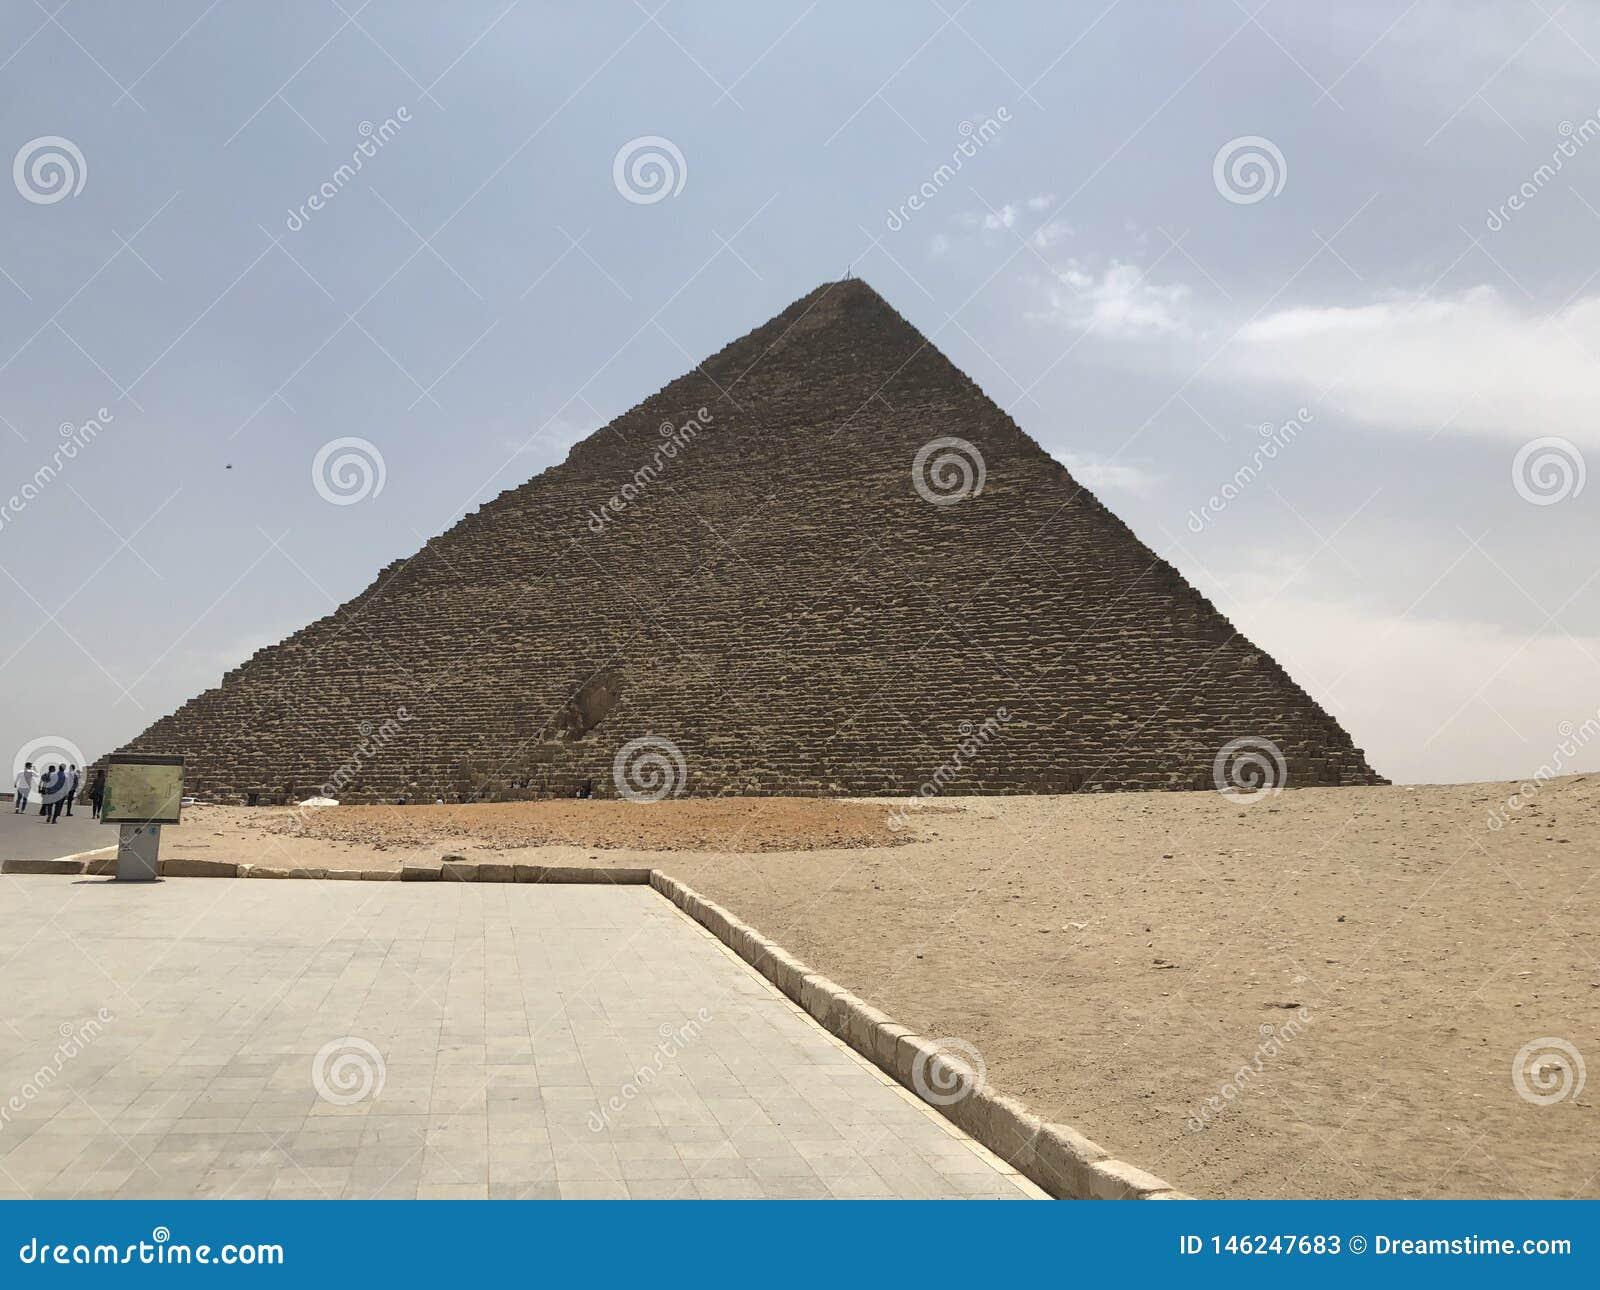 Great Pyramid of Giza(Pyramid of Khufu)